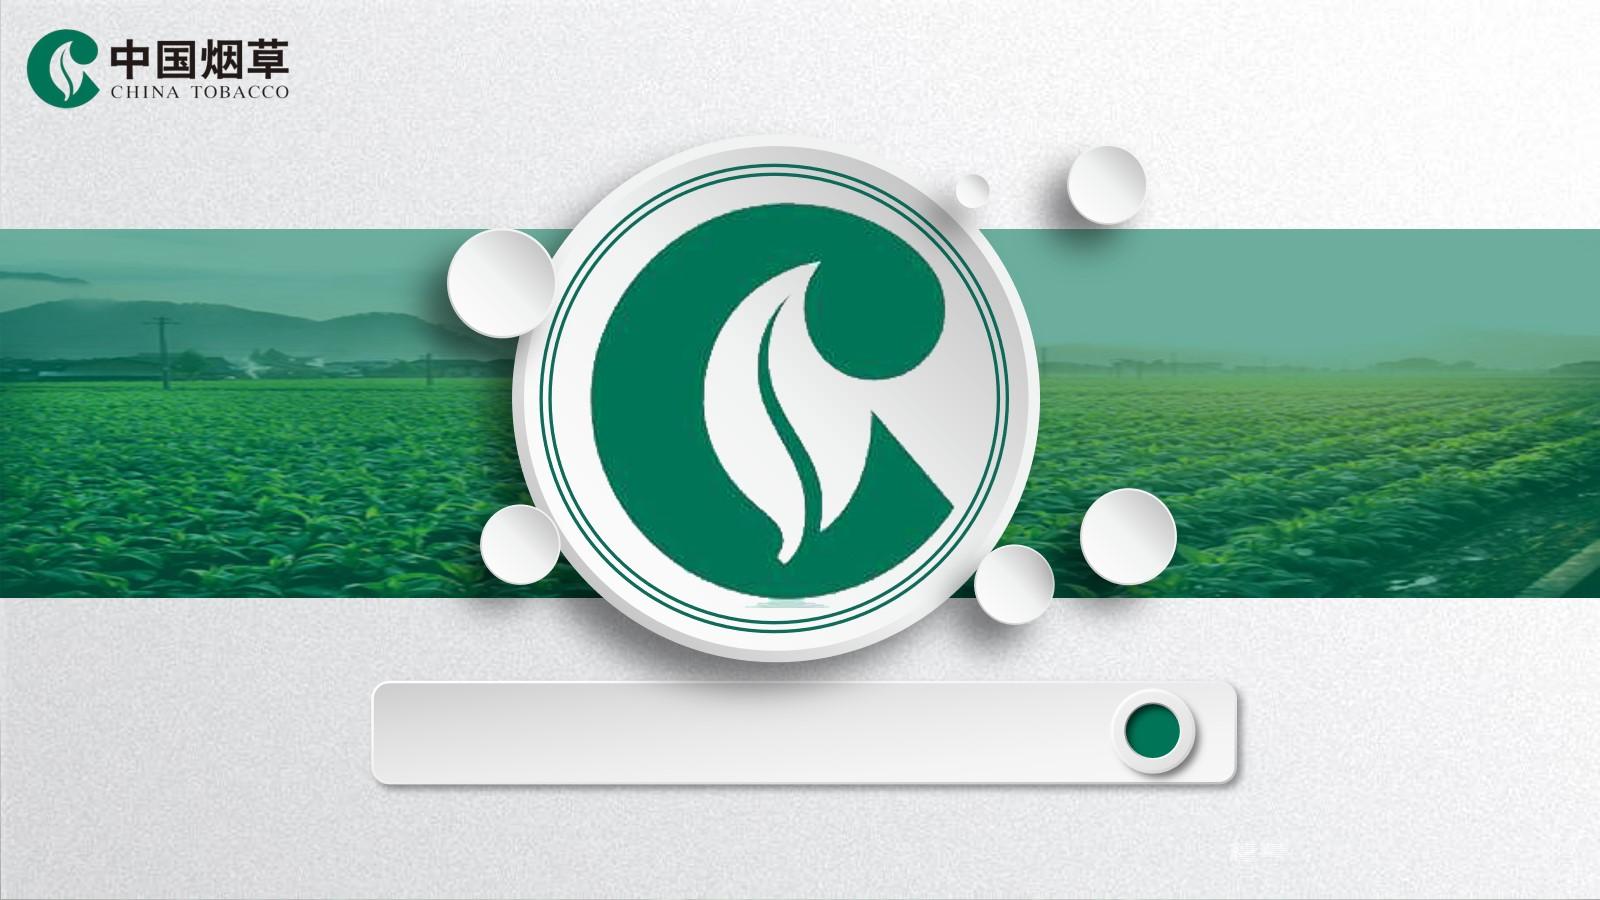 烟草植物背景的中国烟草PPT模板